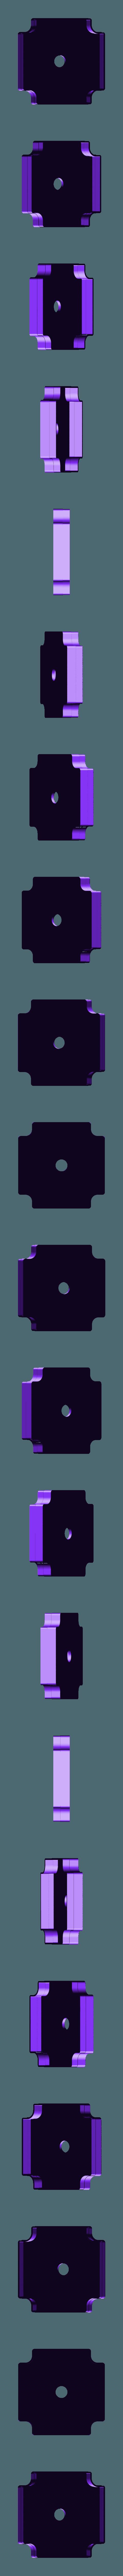 top_B.stl Télécharger fichier STL gratuit Nema 23 Lampe à moteur pas à pas • Objet à imprimer en 3D, Job